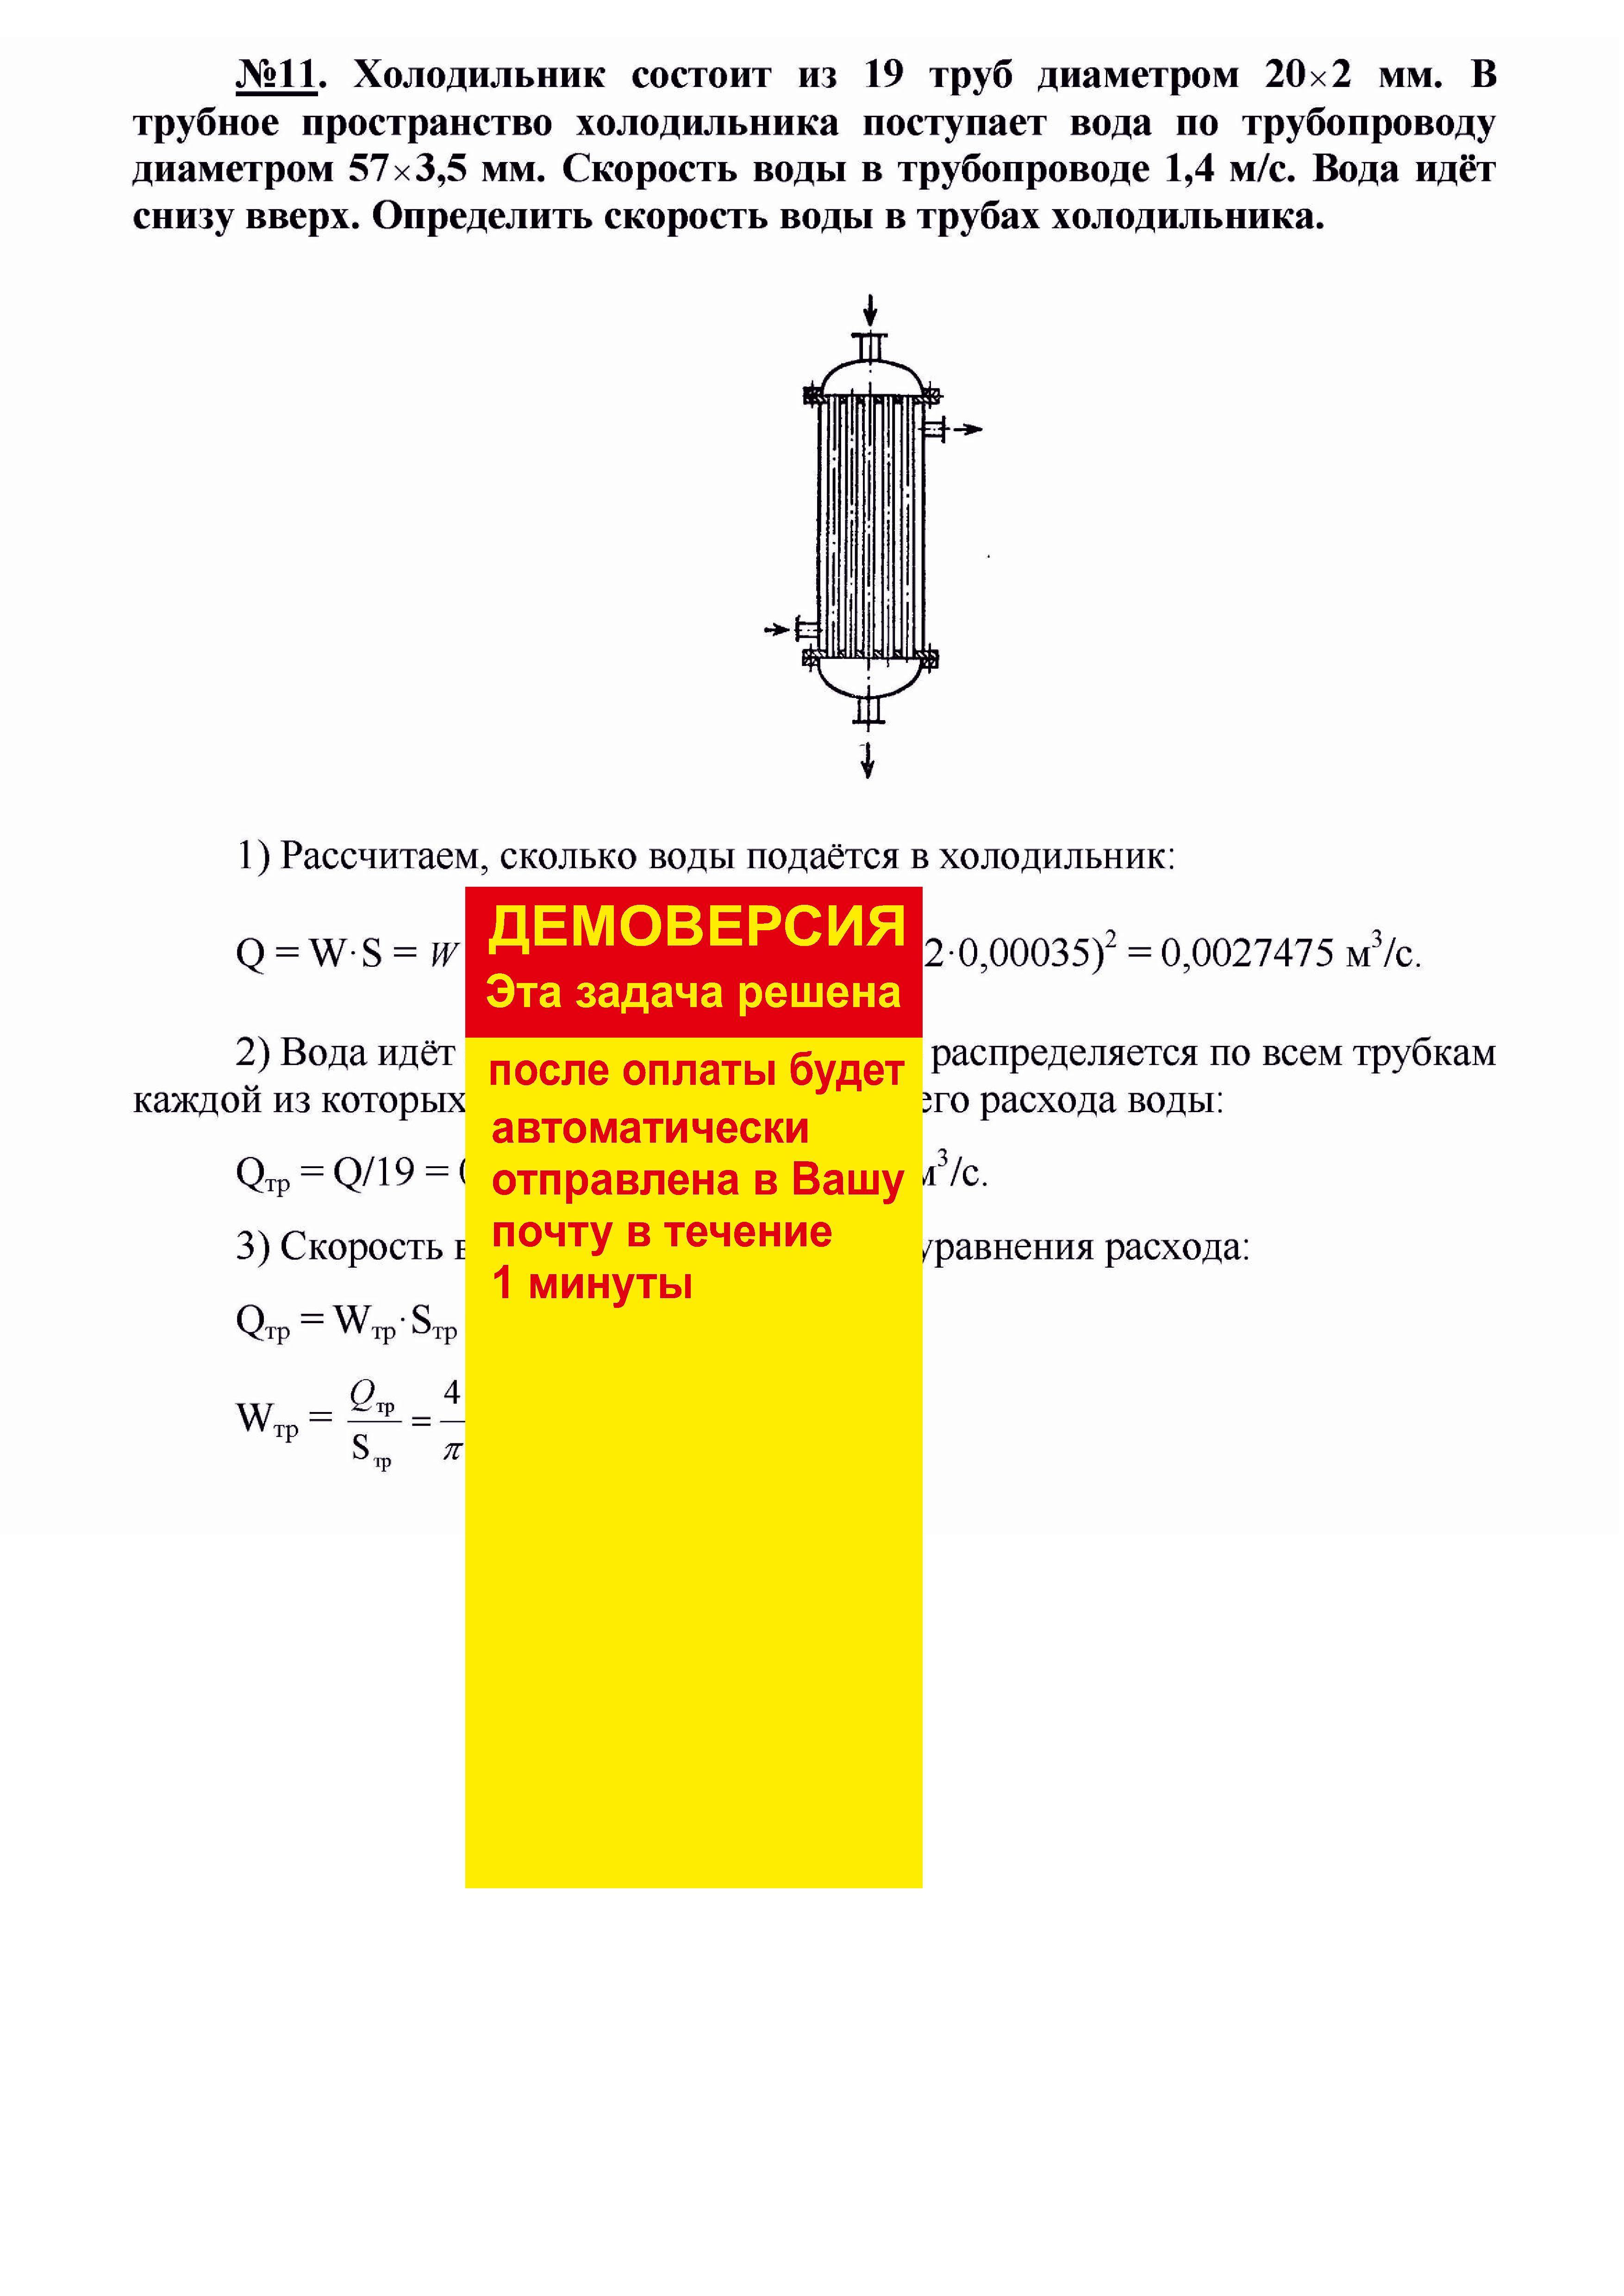 Решение задачи 1.11 по ПАХТ из задачника Павлова Романкова Носкова